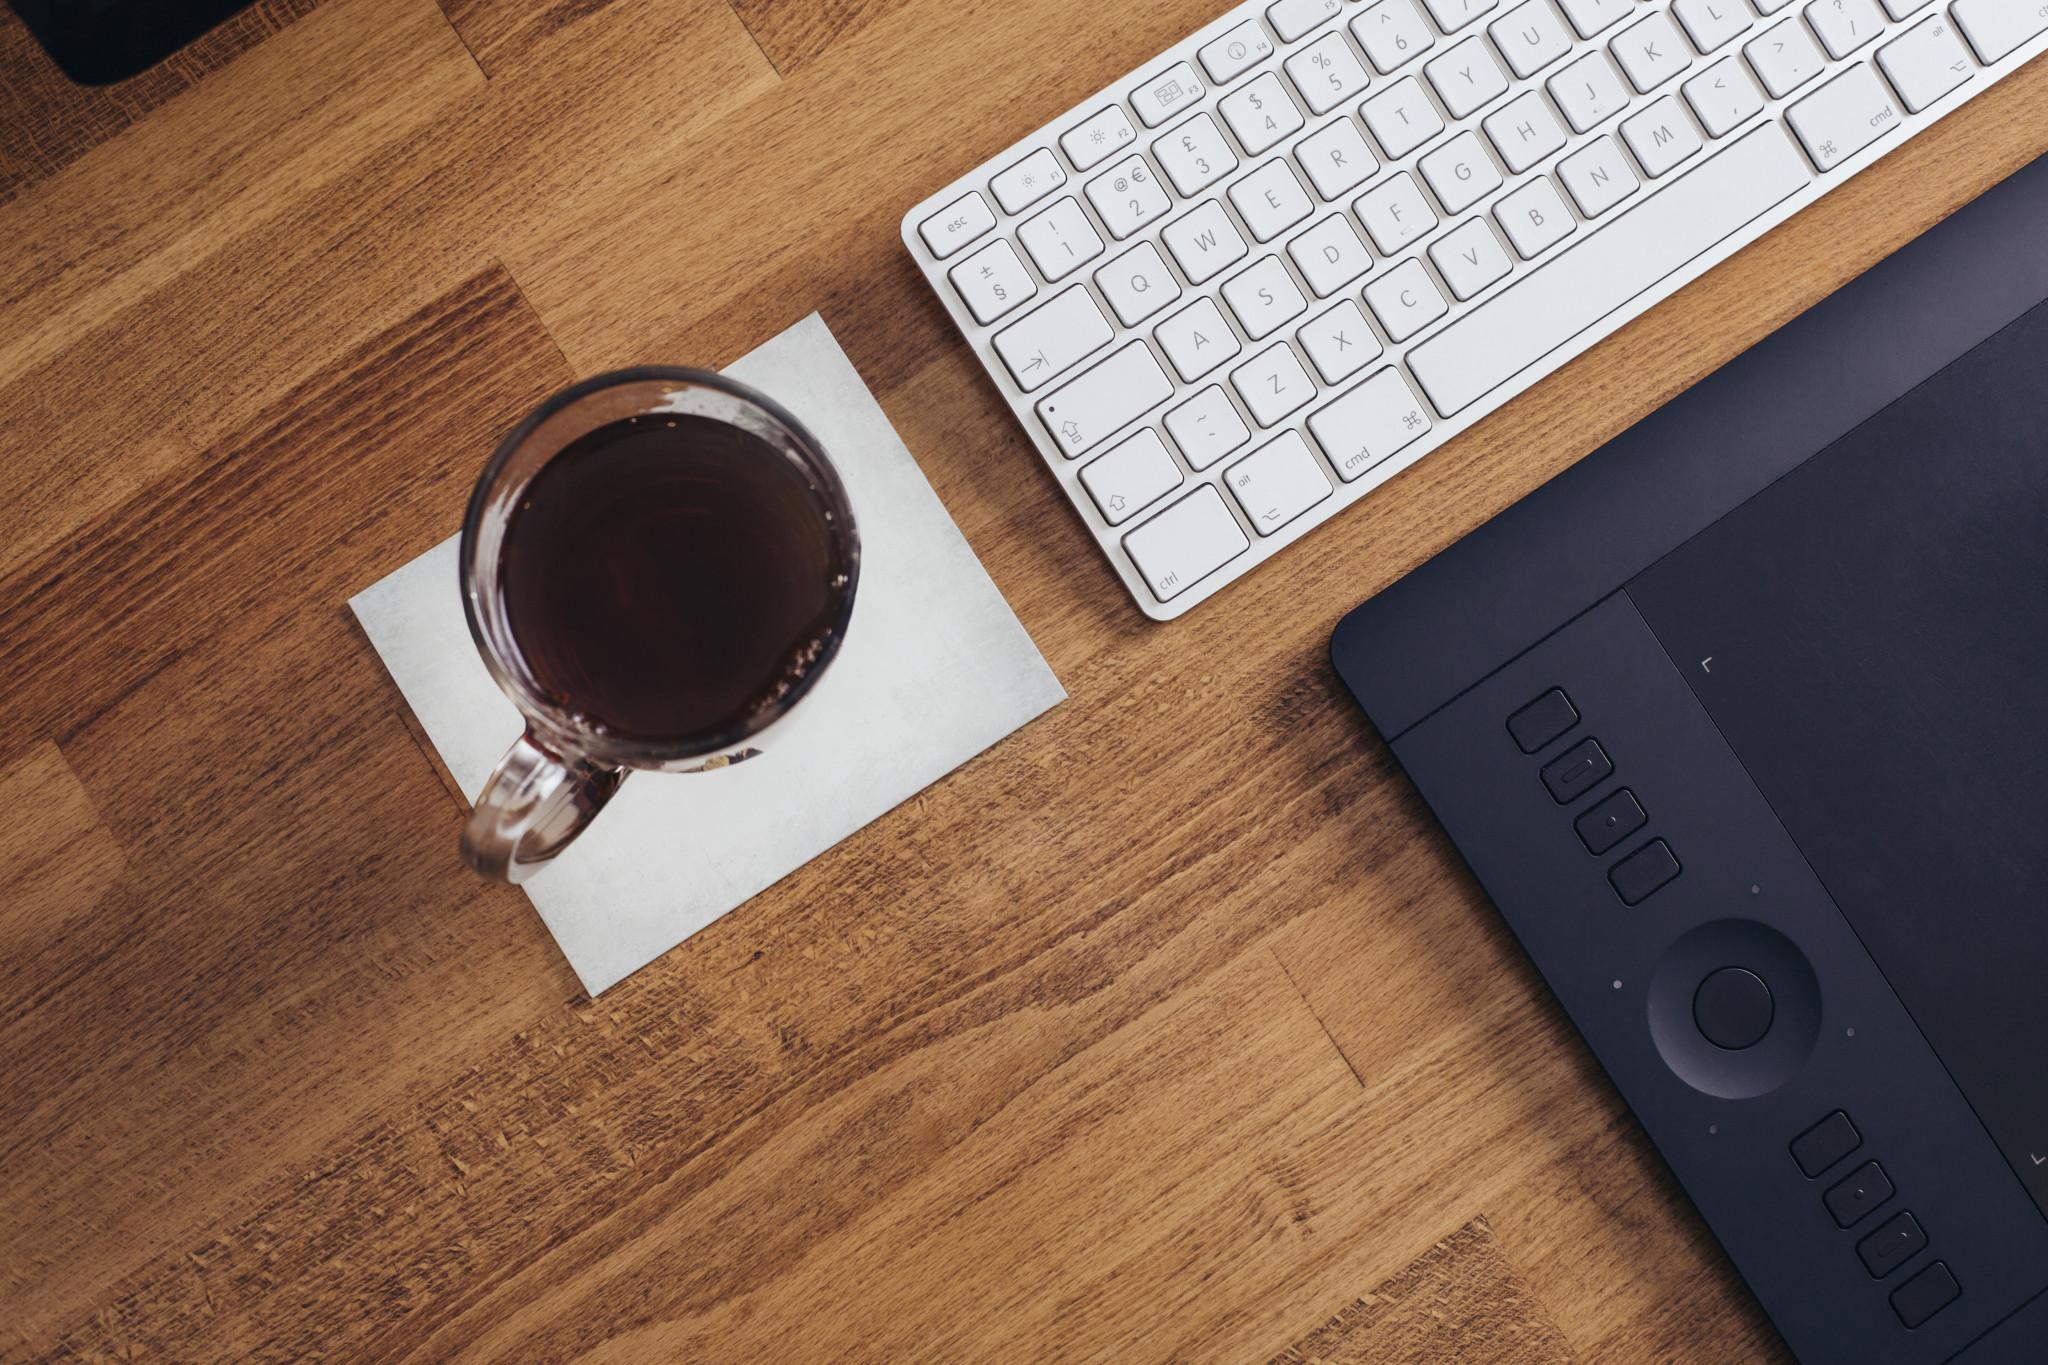 keyboard coffee tea cup